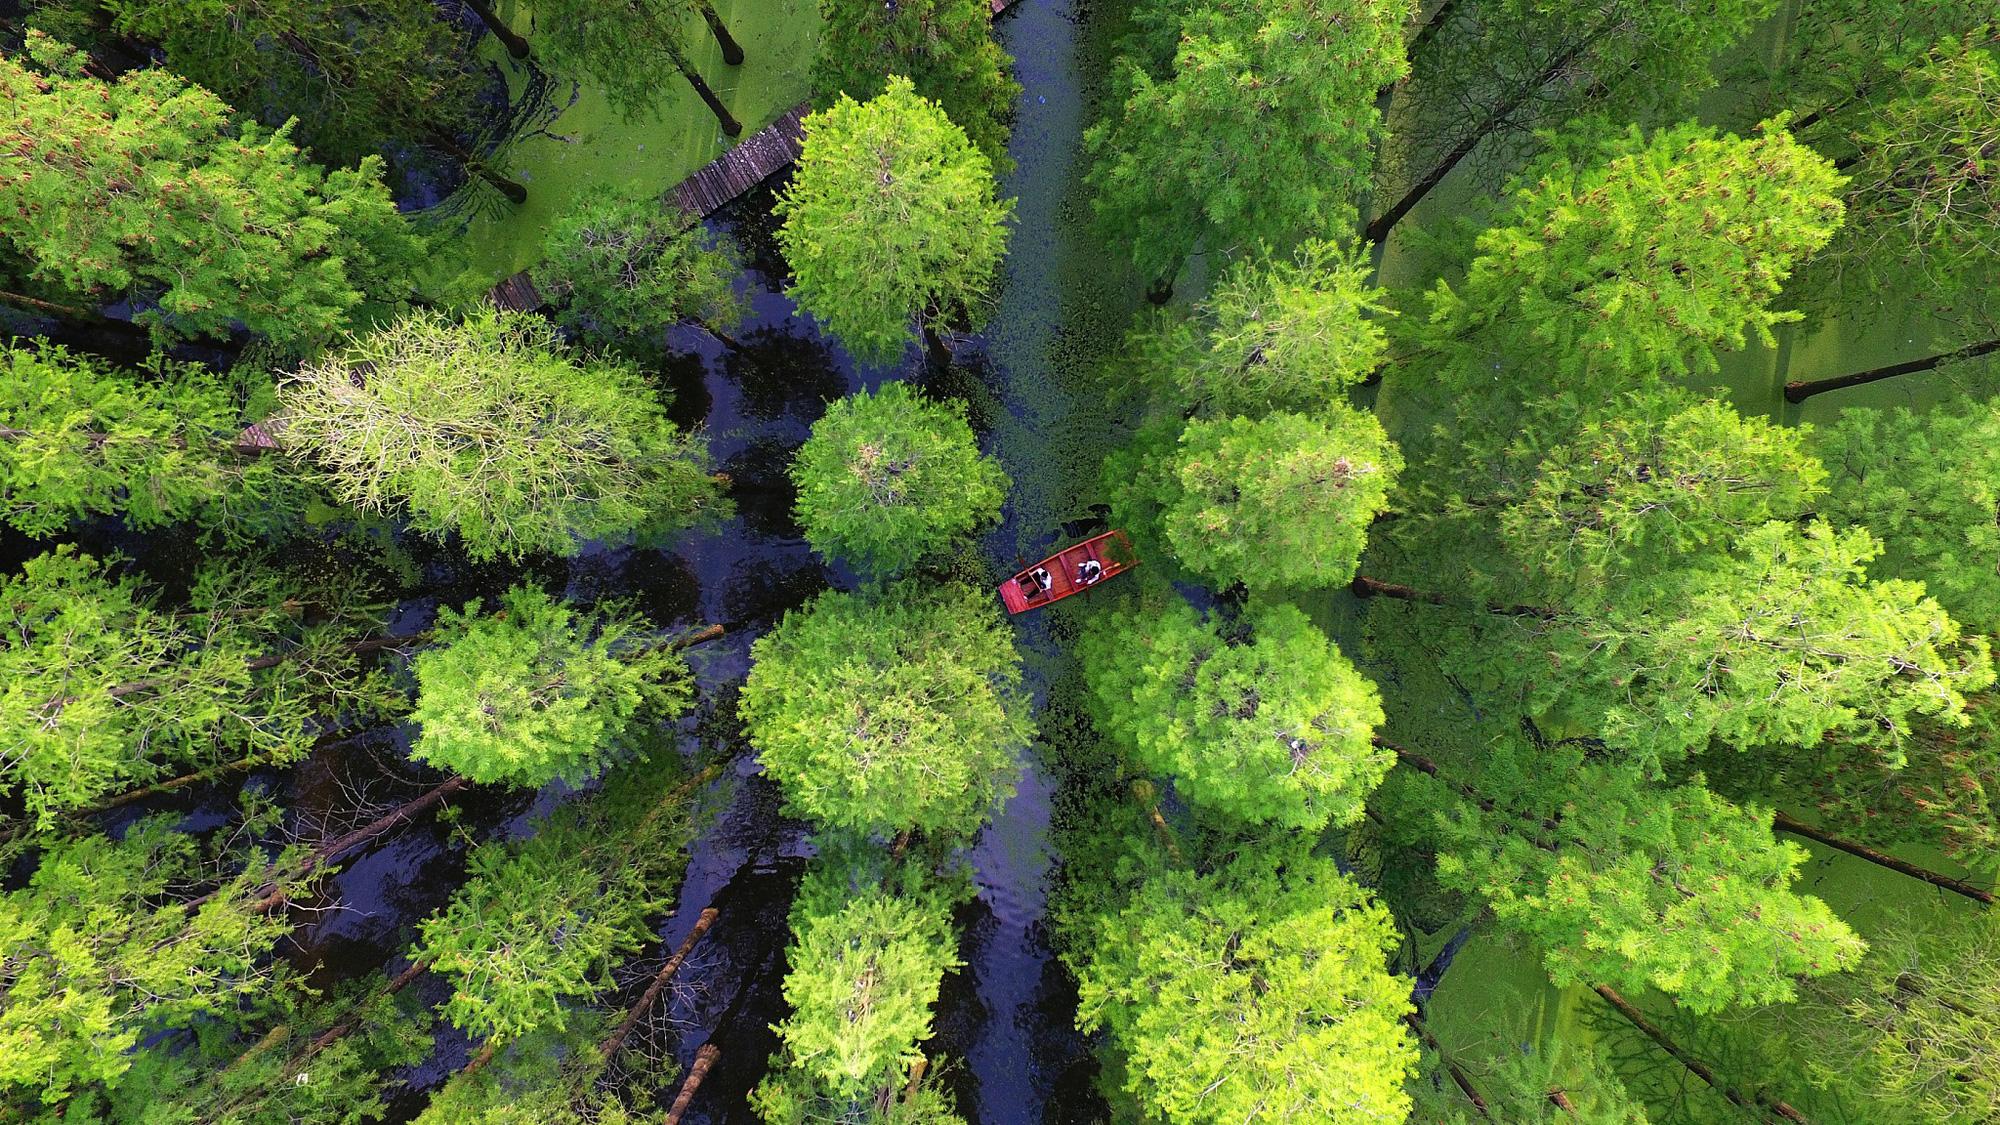 Chiêm ngưỡng vẻ đẹp lạ lùng của rừng tùng và thủy sam gỗ đỏ quý hiếm ở Trung Quốc - Ảnh 5.